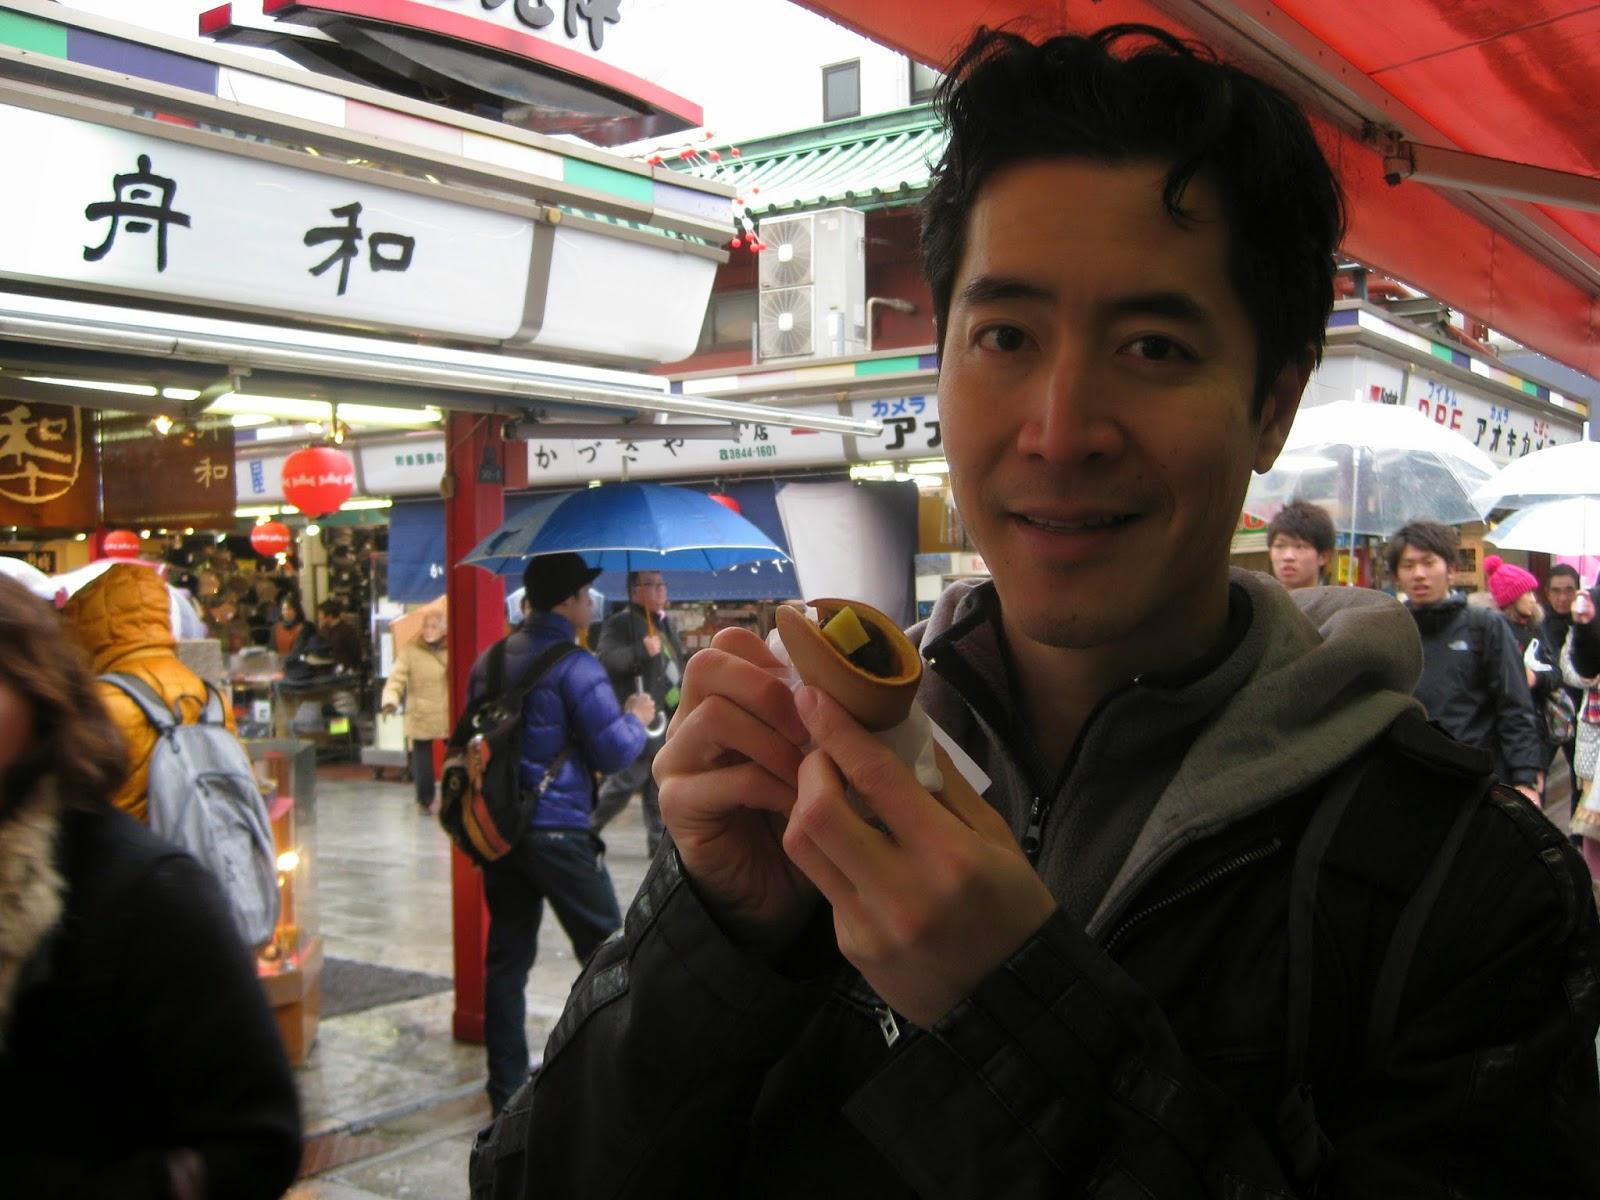 Tokyo - My husband enjoys a red bean dessert